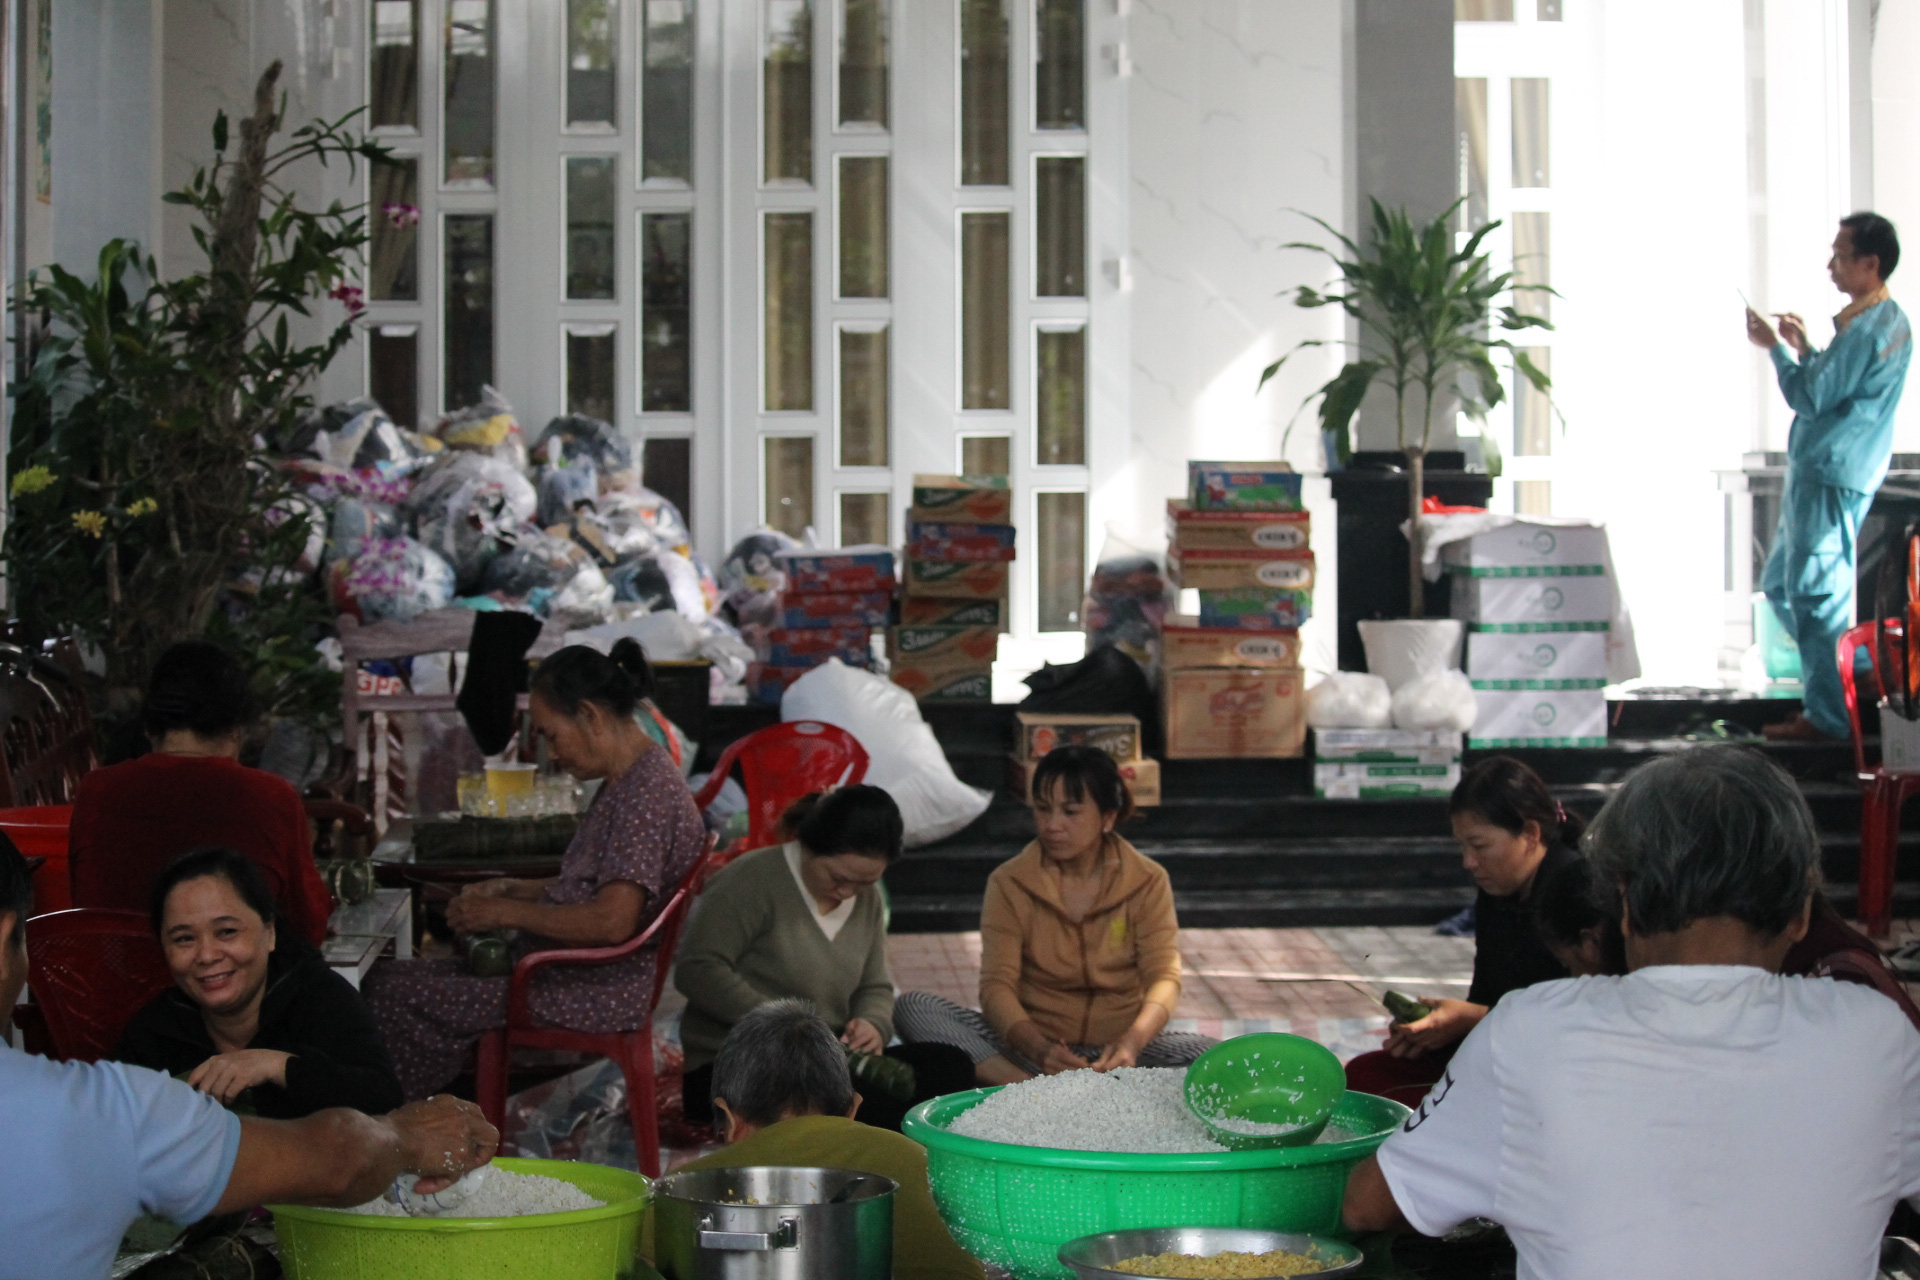 Người dân Khánh Hòa gói hàng ngàn chiếc bánh chưng, bánh tét hỗ trợ đồng bào miền Trung - Ảnh 3.